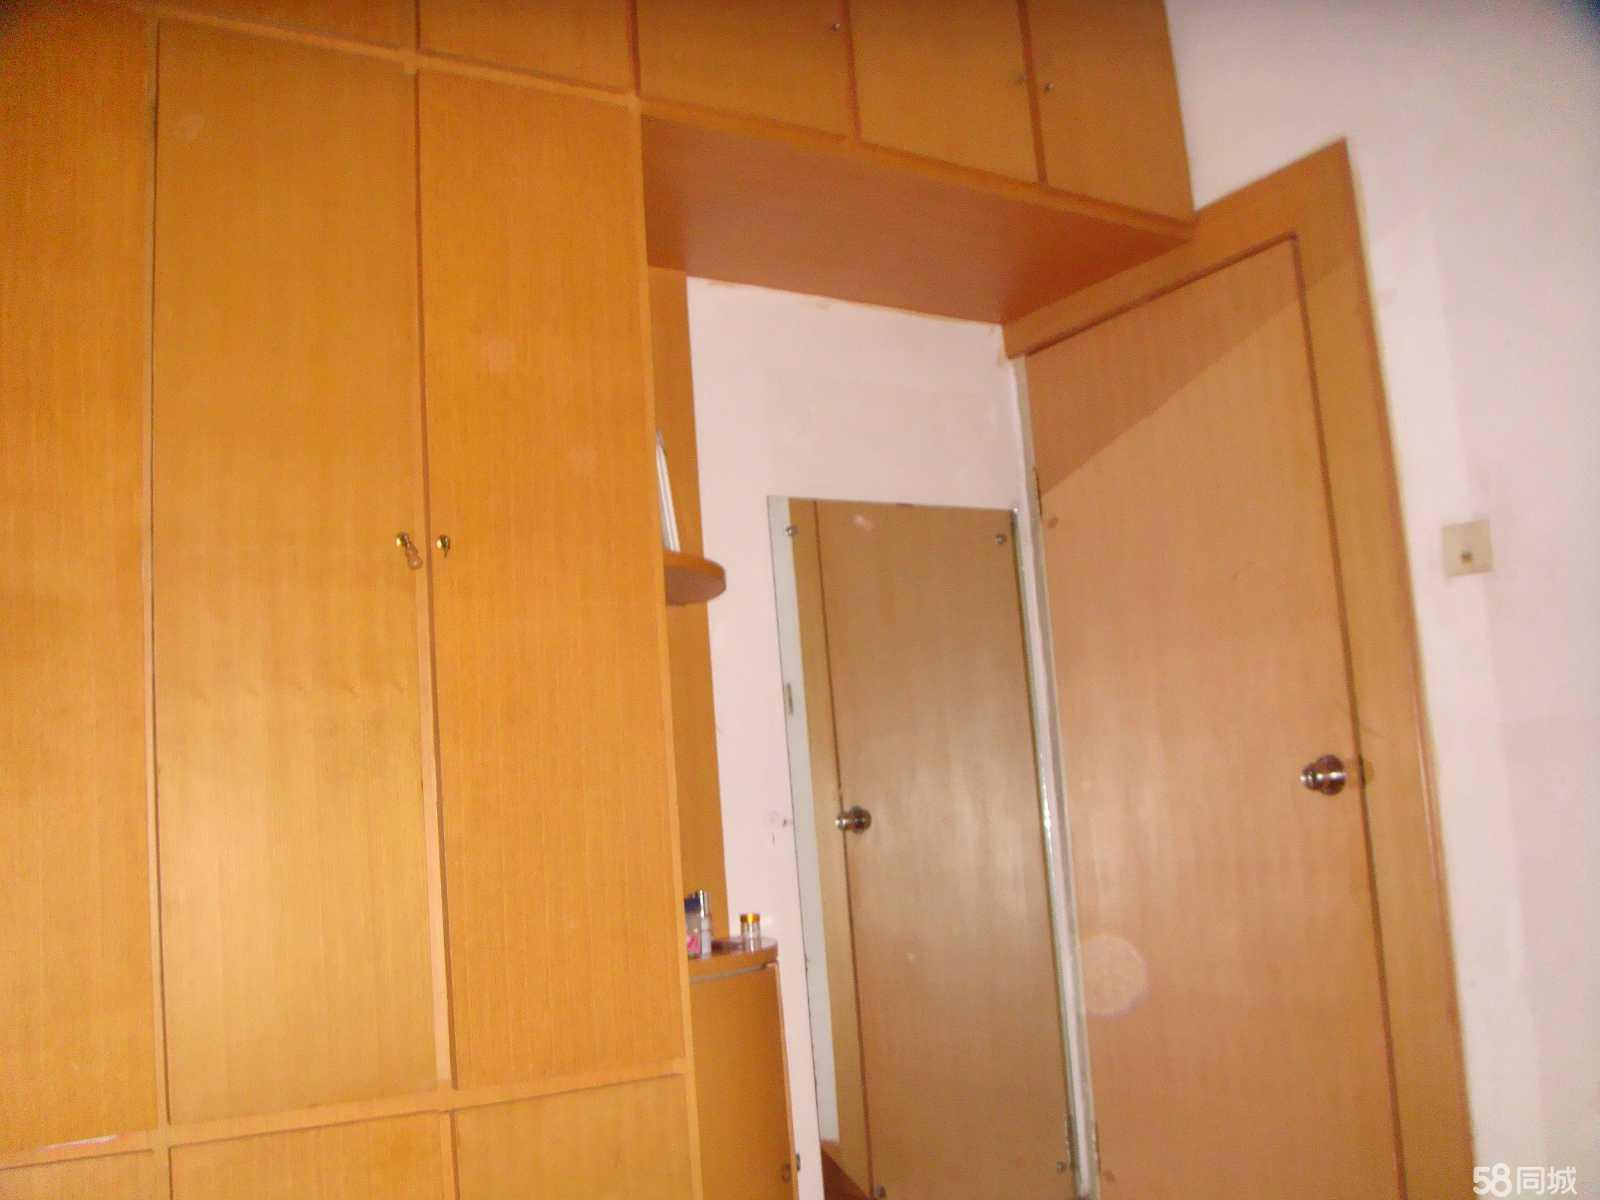 清水清水县永清镇北环路93室2厅1卫90.68平米